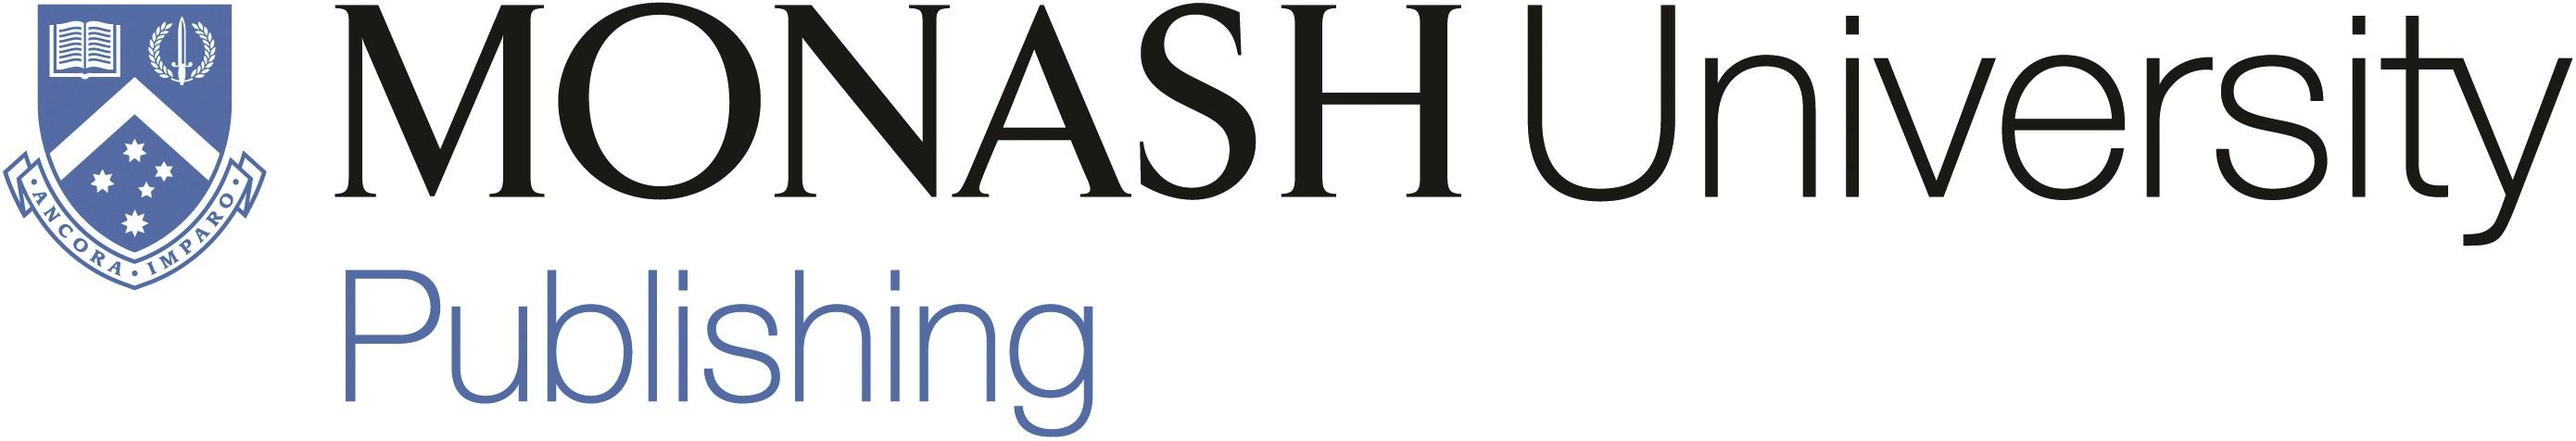 Monash University Publishing logo